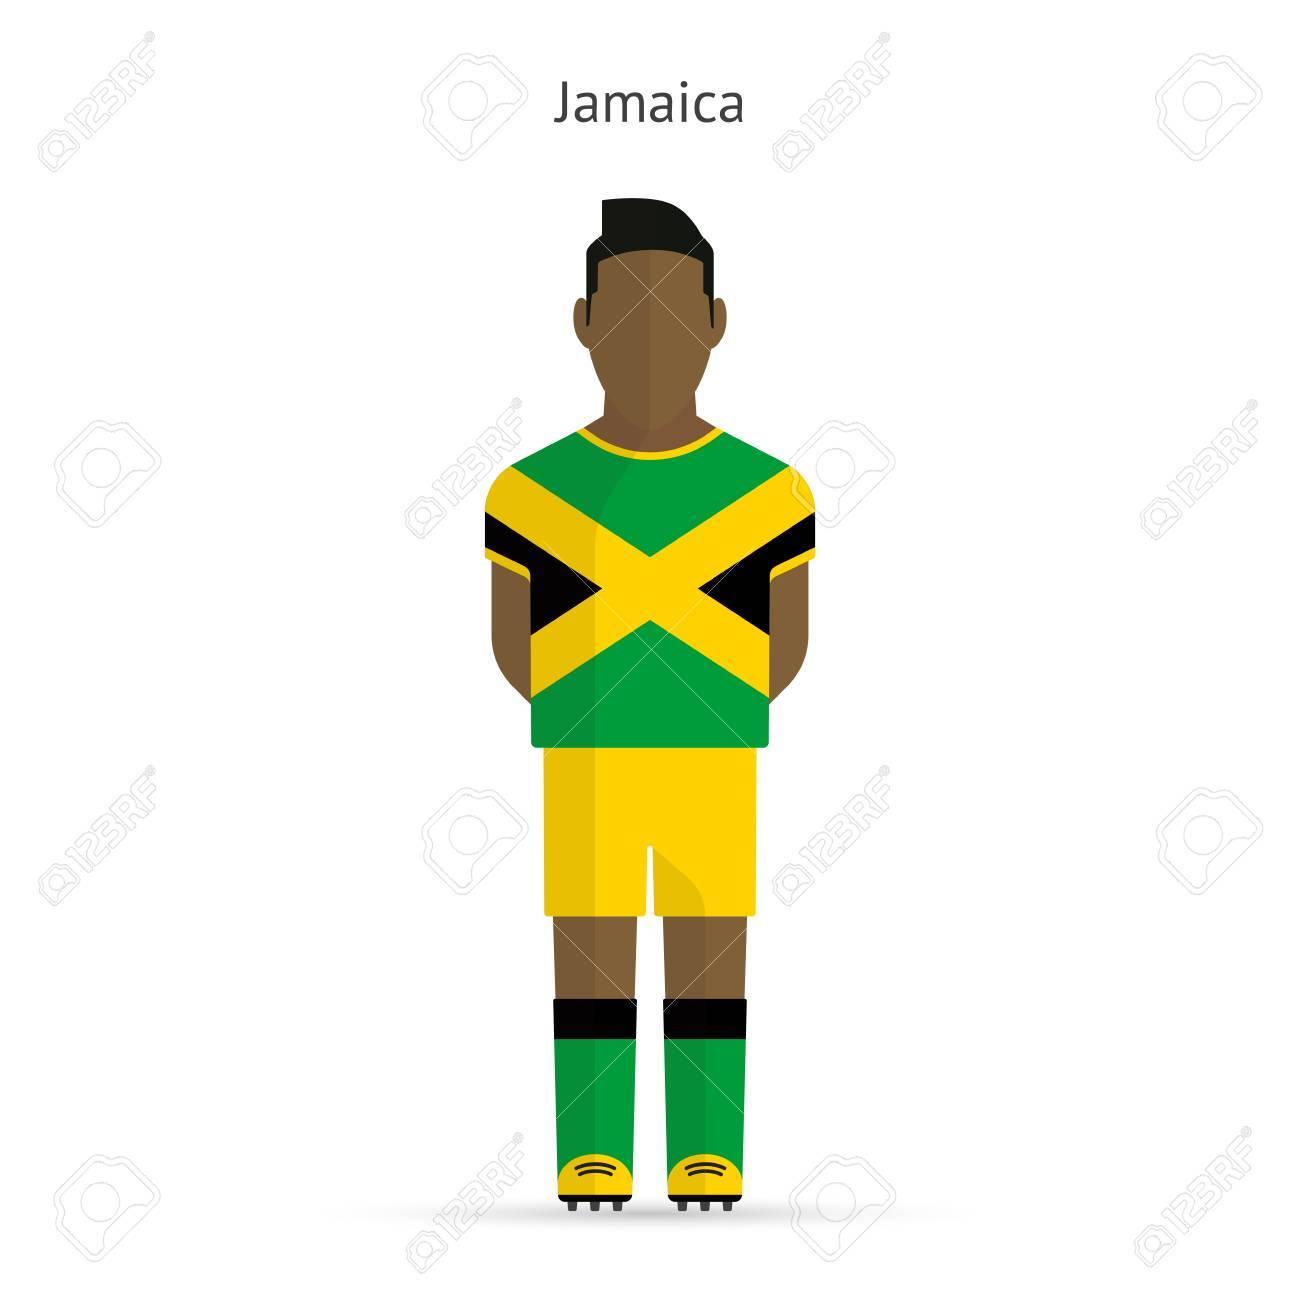 a0b419d69e12d Foto de archivo - Jugador de fútbol de Jamaica. Uniforme de fútbol. la  ilustración.